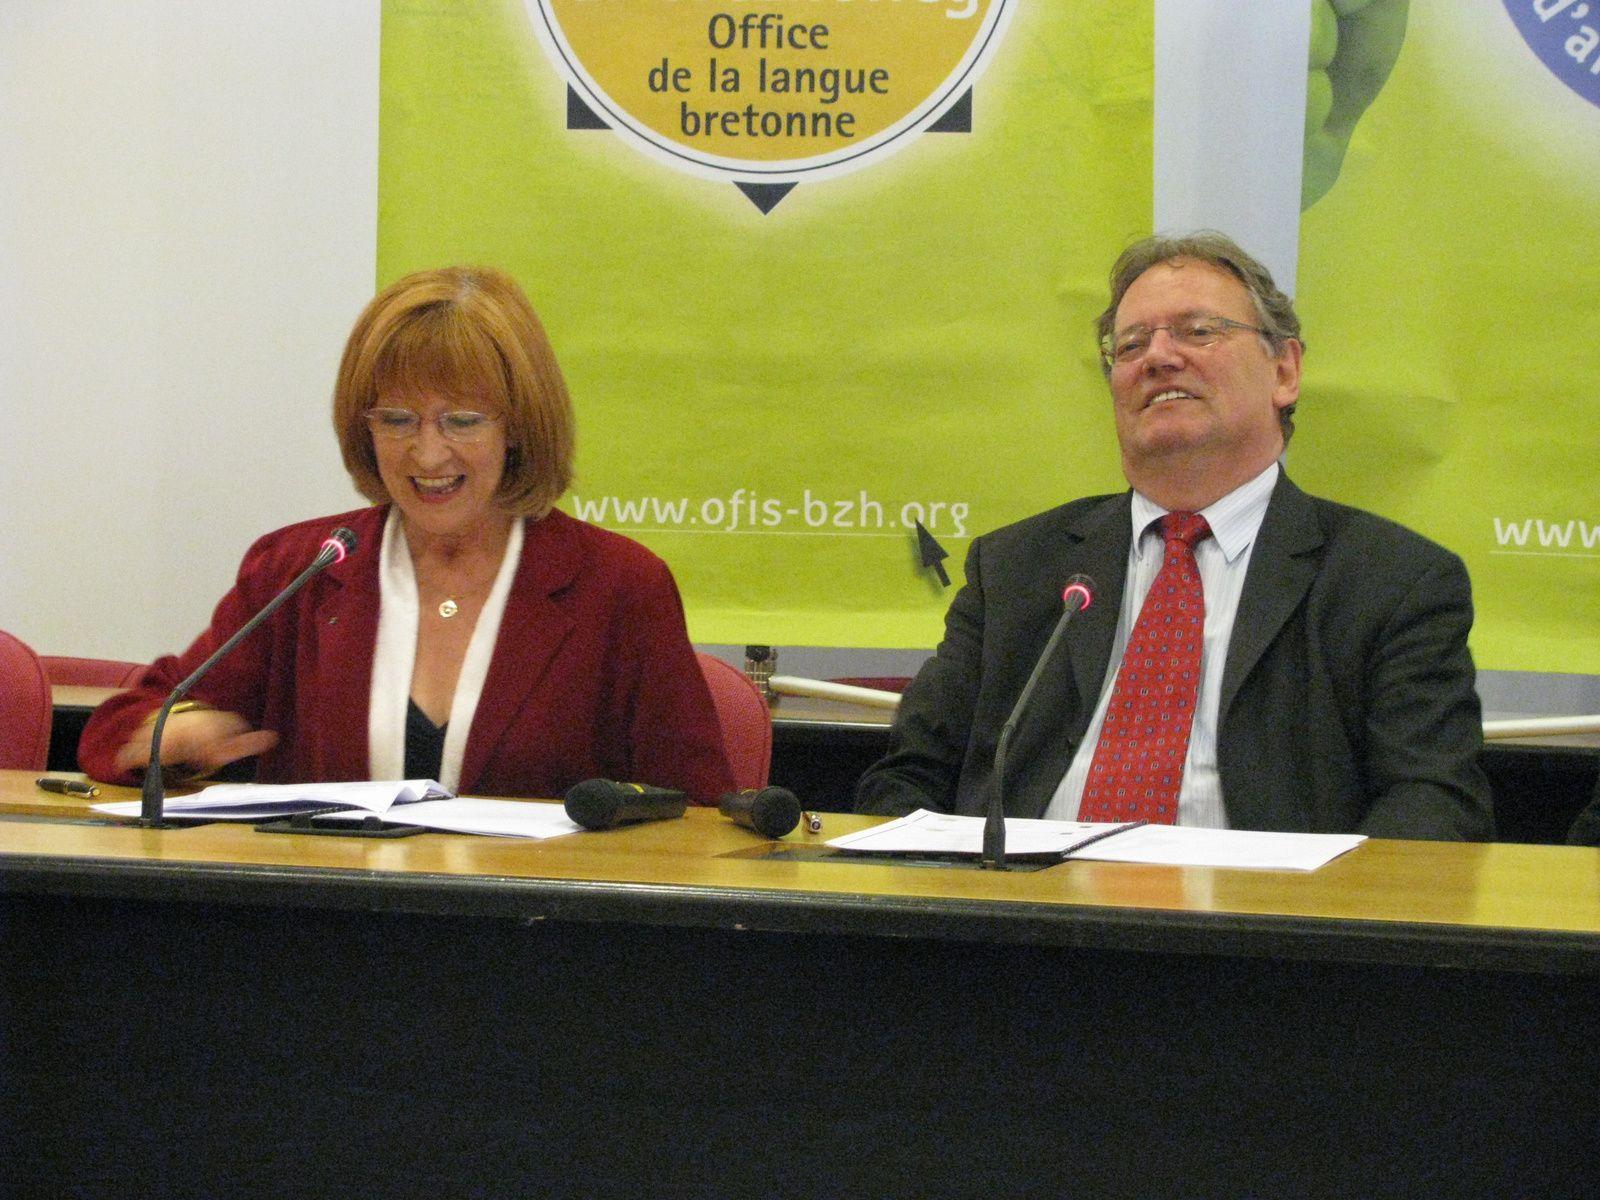 Charles Gautier (ici avec Léna Louarn, présidente de l'Ofis ar brezhoneg) était visiblement détendu et heureux, le 15 mai 2009, lors de la signature pour la Commune de la CharteYa d'ar Brezhoneg. Il n'a pas manqué cette occasion de réaffirmer que Saint-Herblain est une commune bretonne.